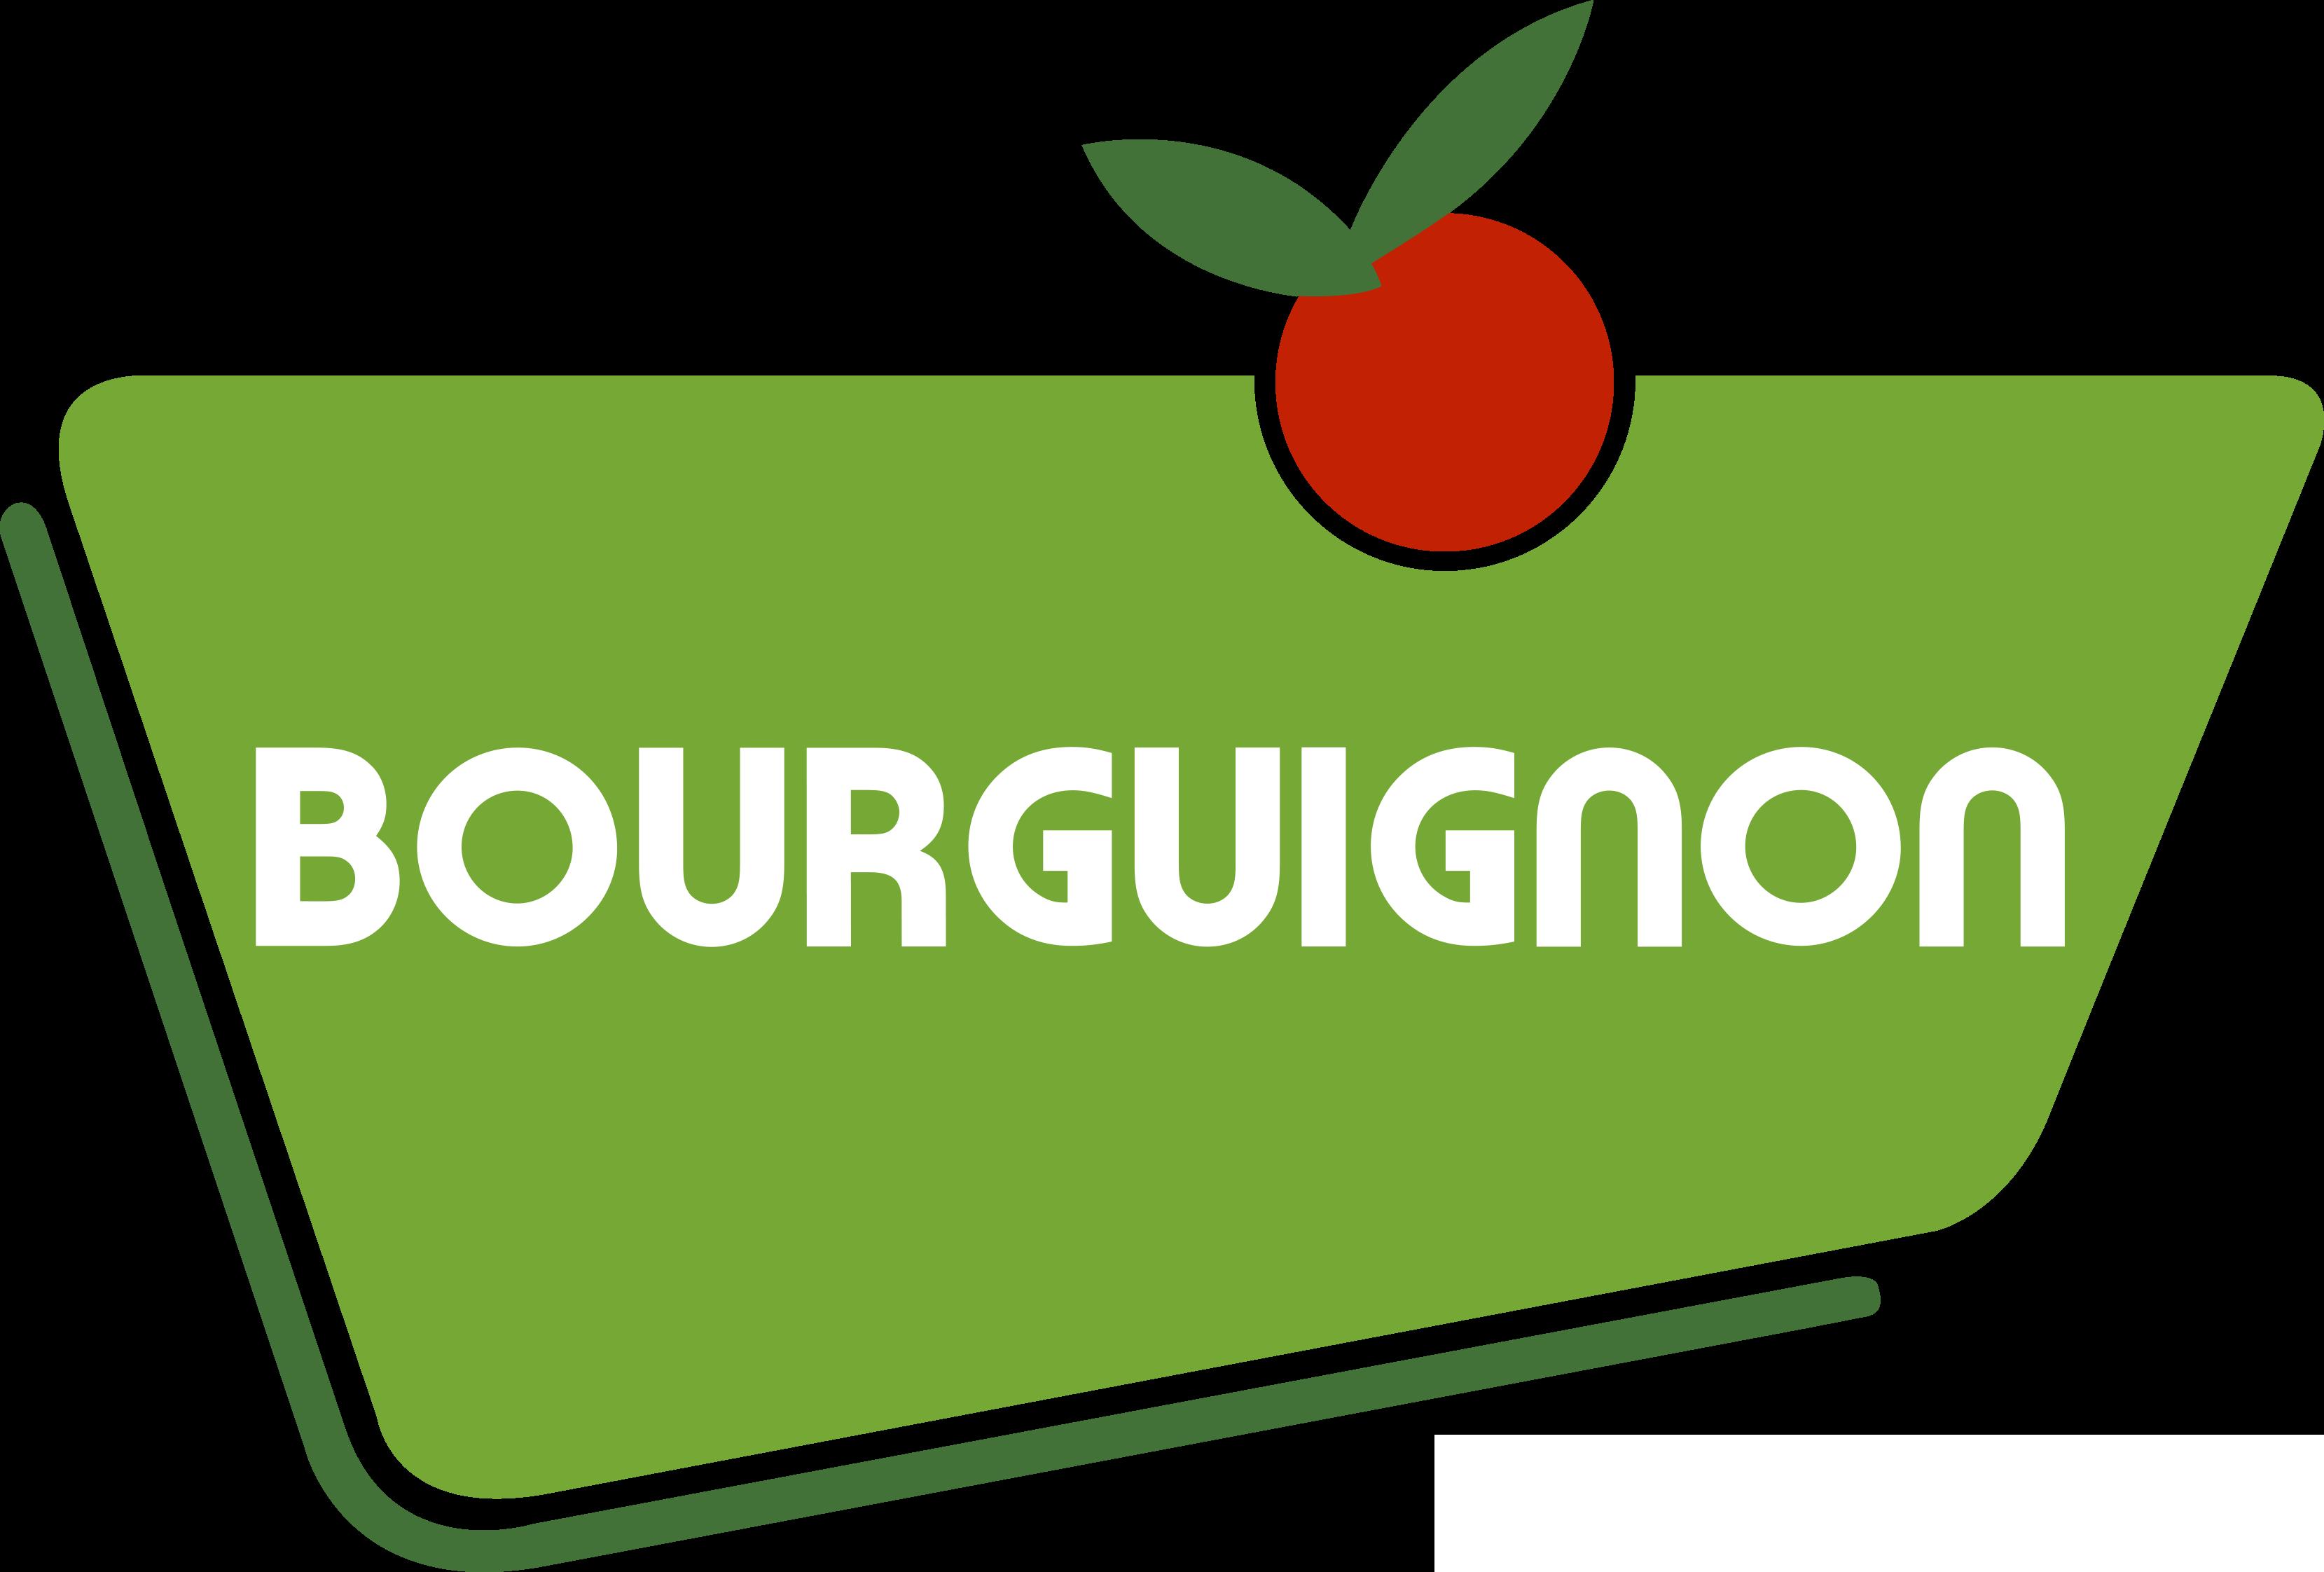 Bourguignon_RVB